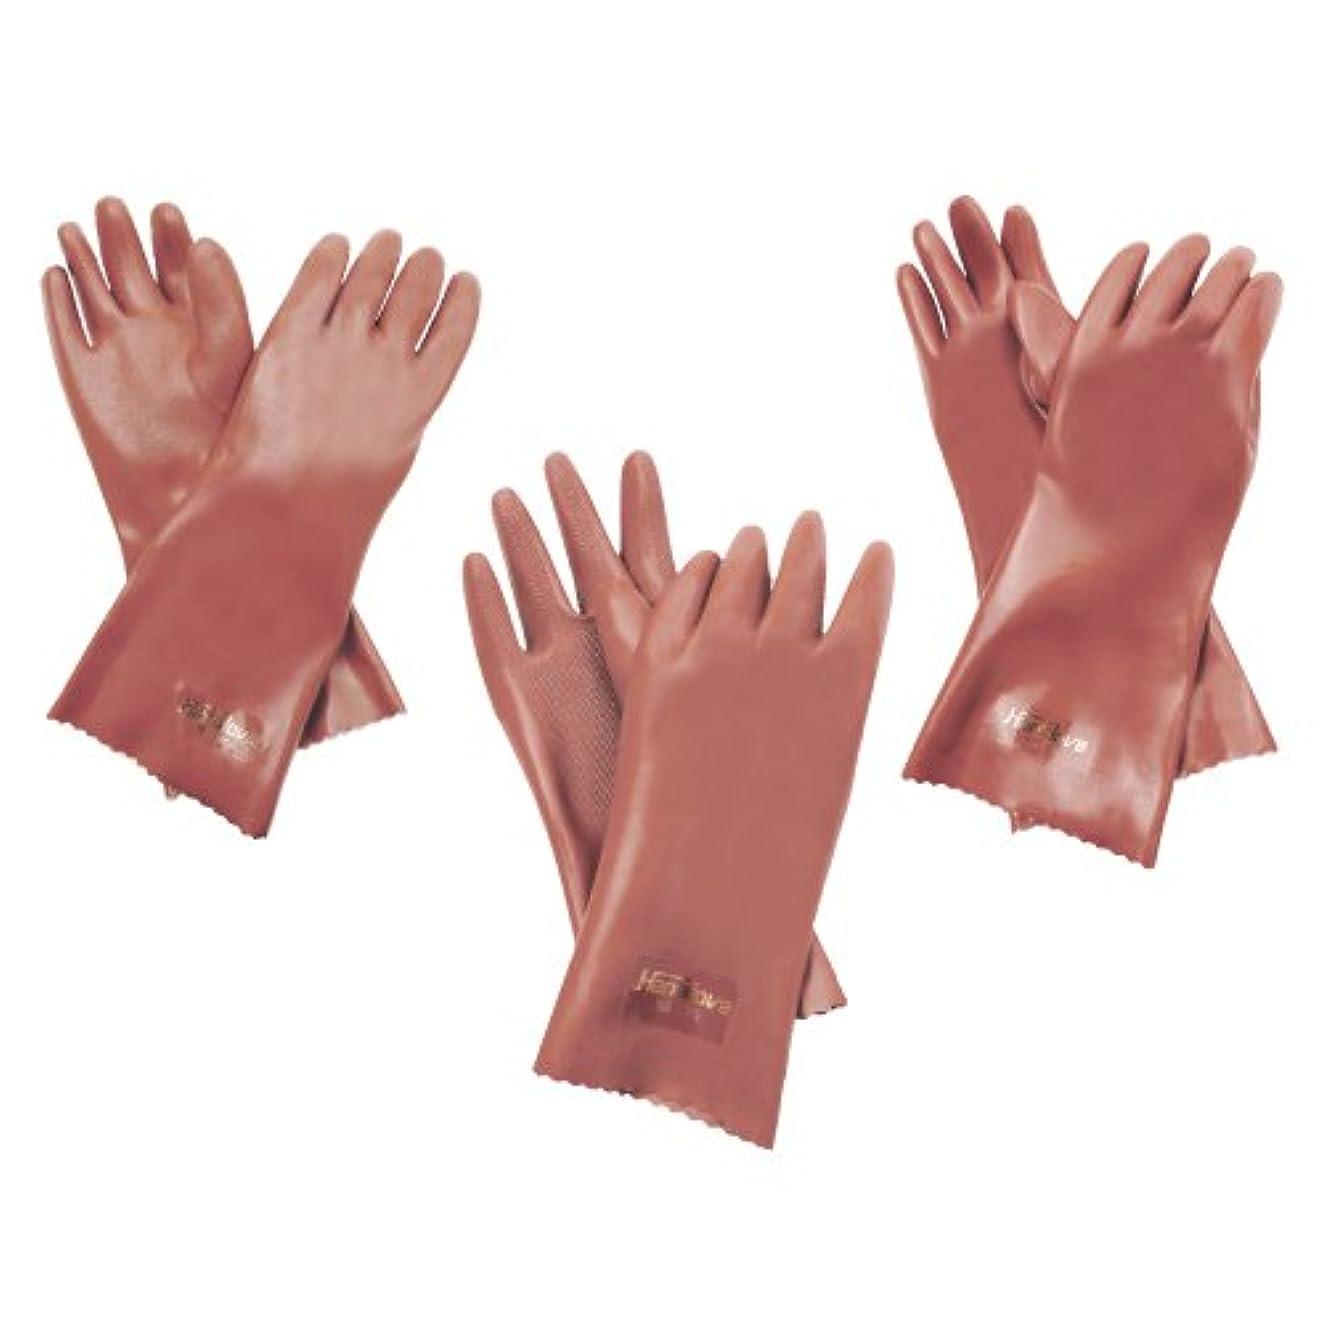 本体未来診断する耐油手袋 ハナローブ NO.176??????????????(23-2947-03)